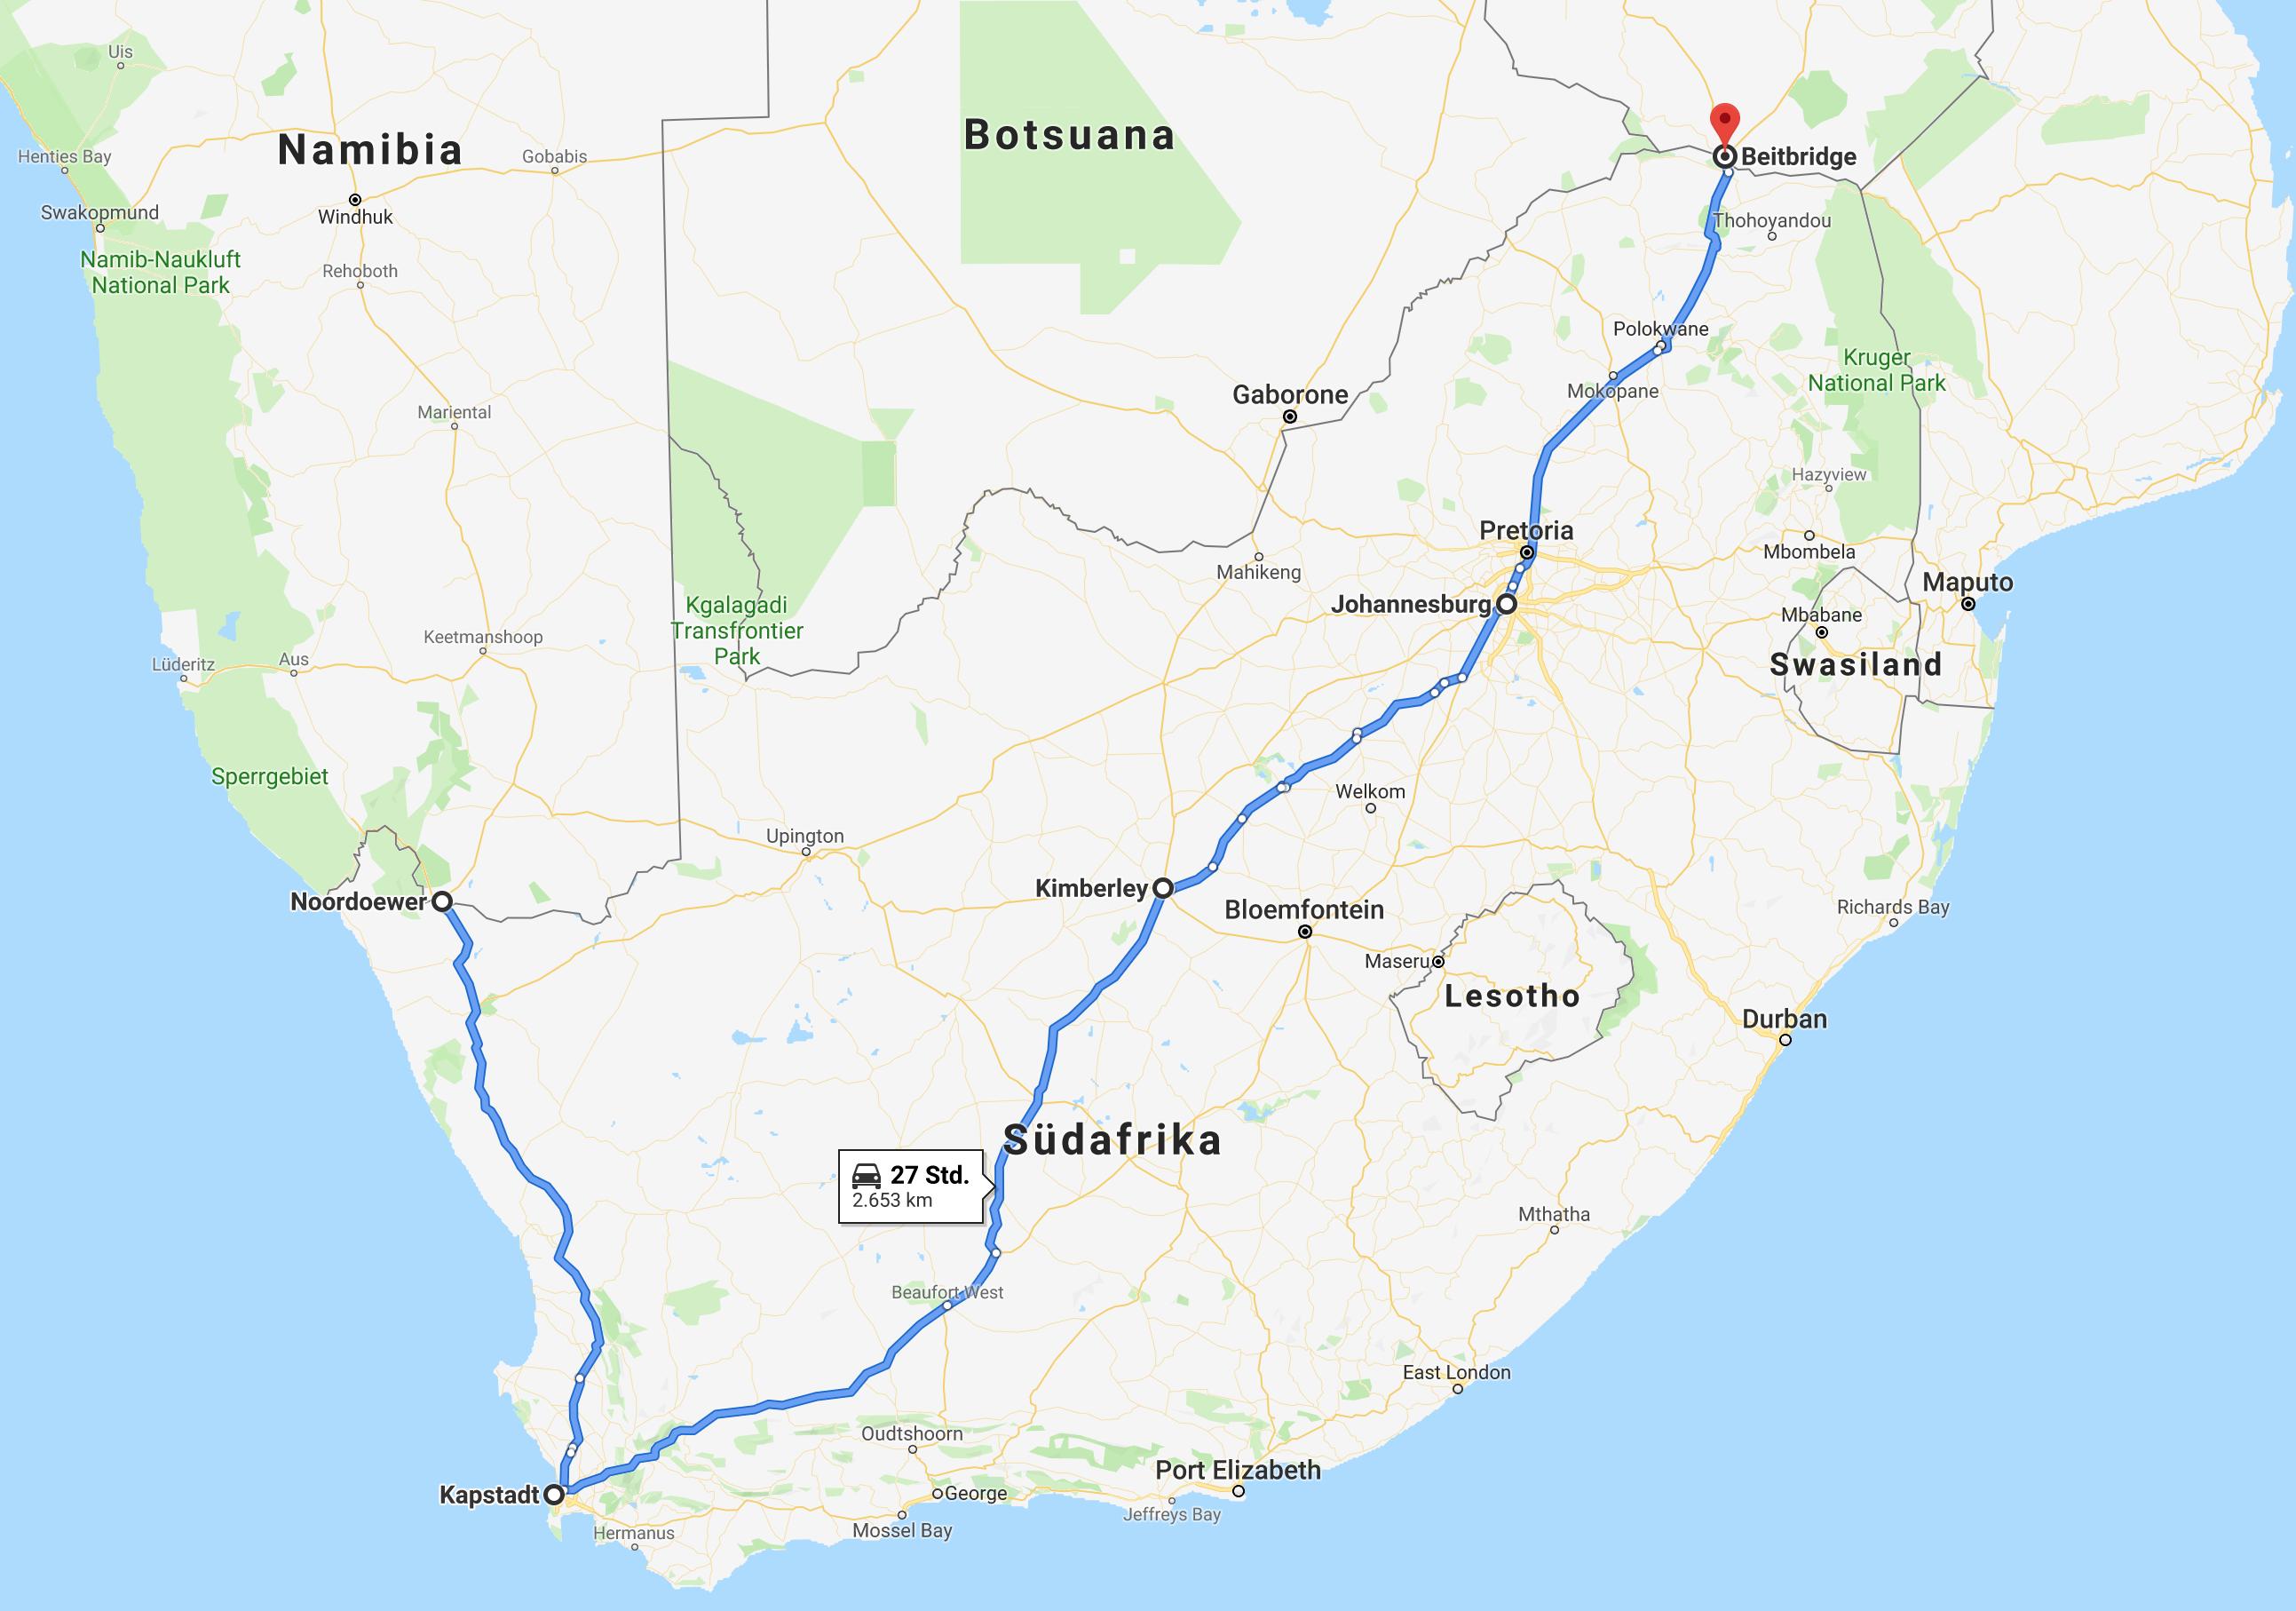 Einmal rund um Afrika - Teil 14 - Südafrika